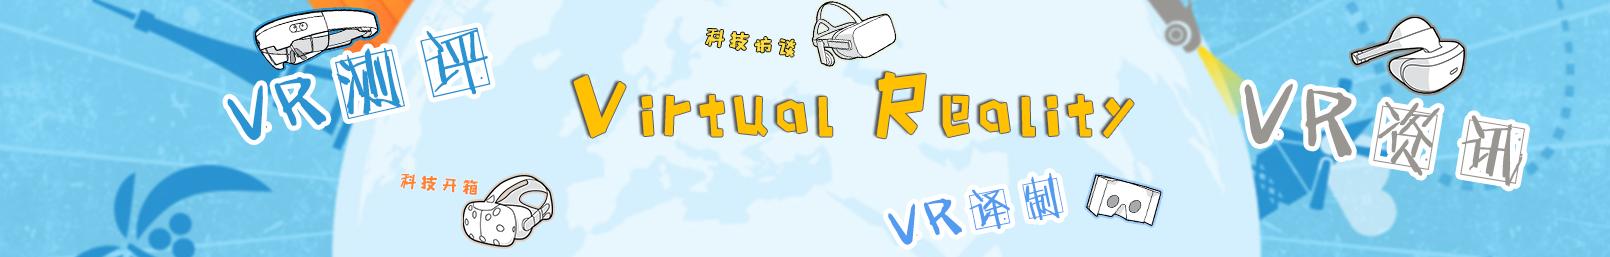 VREDU banner